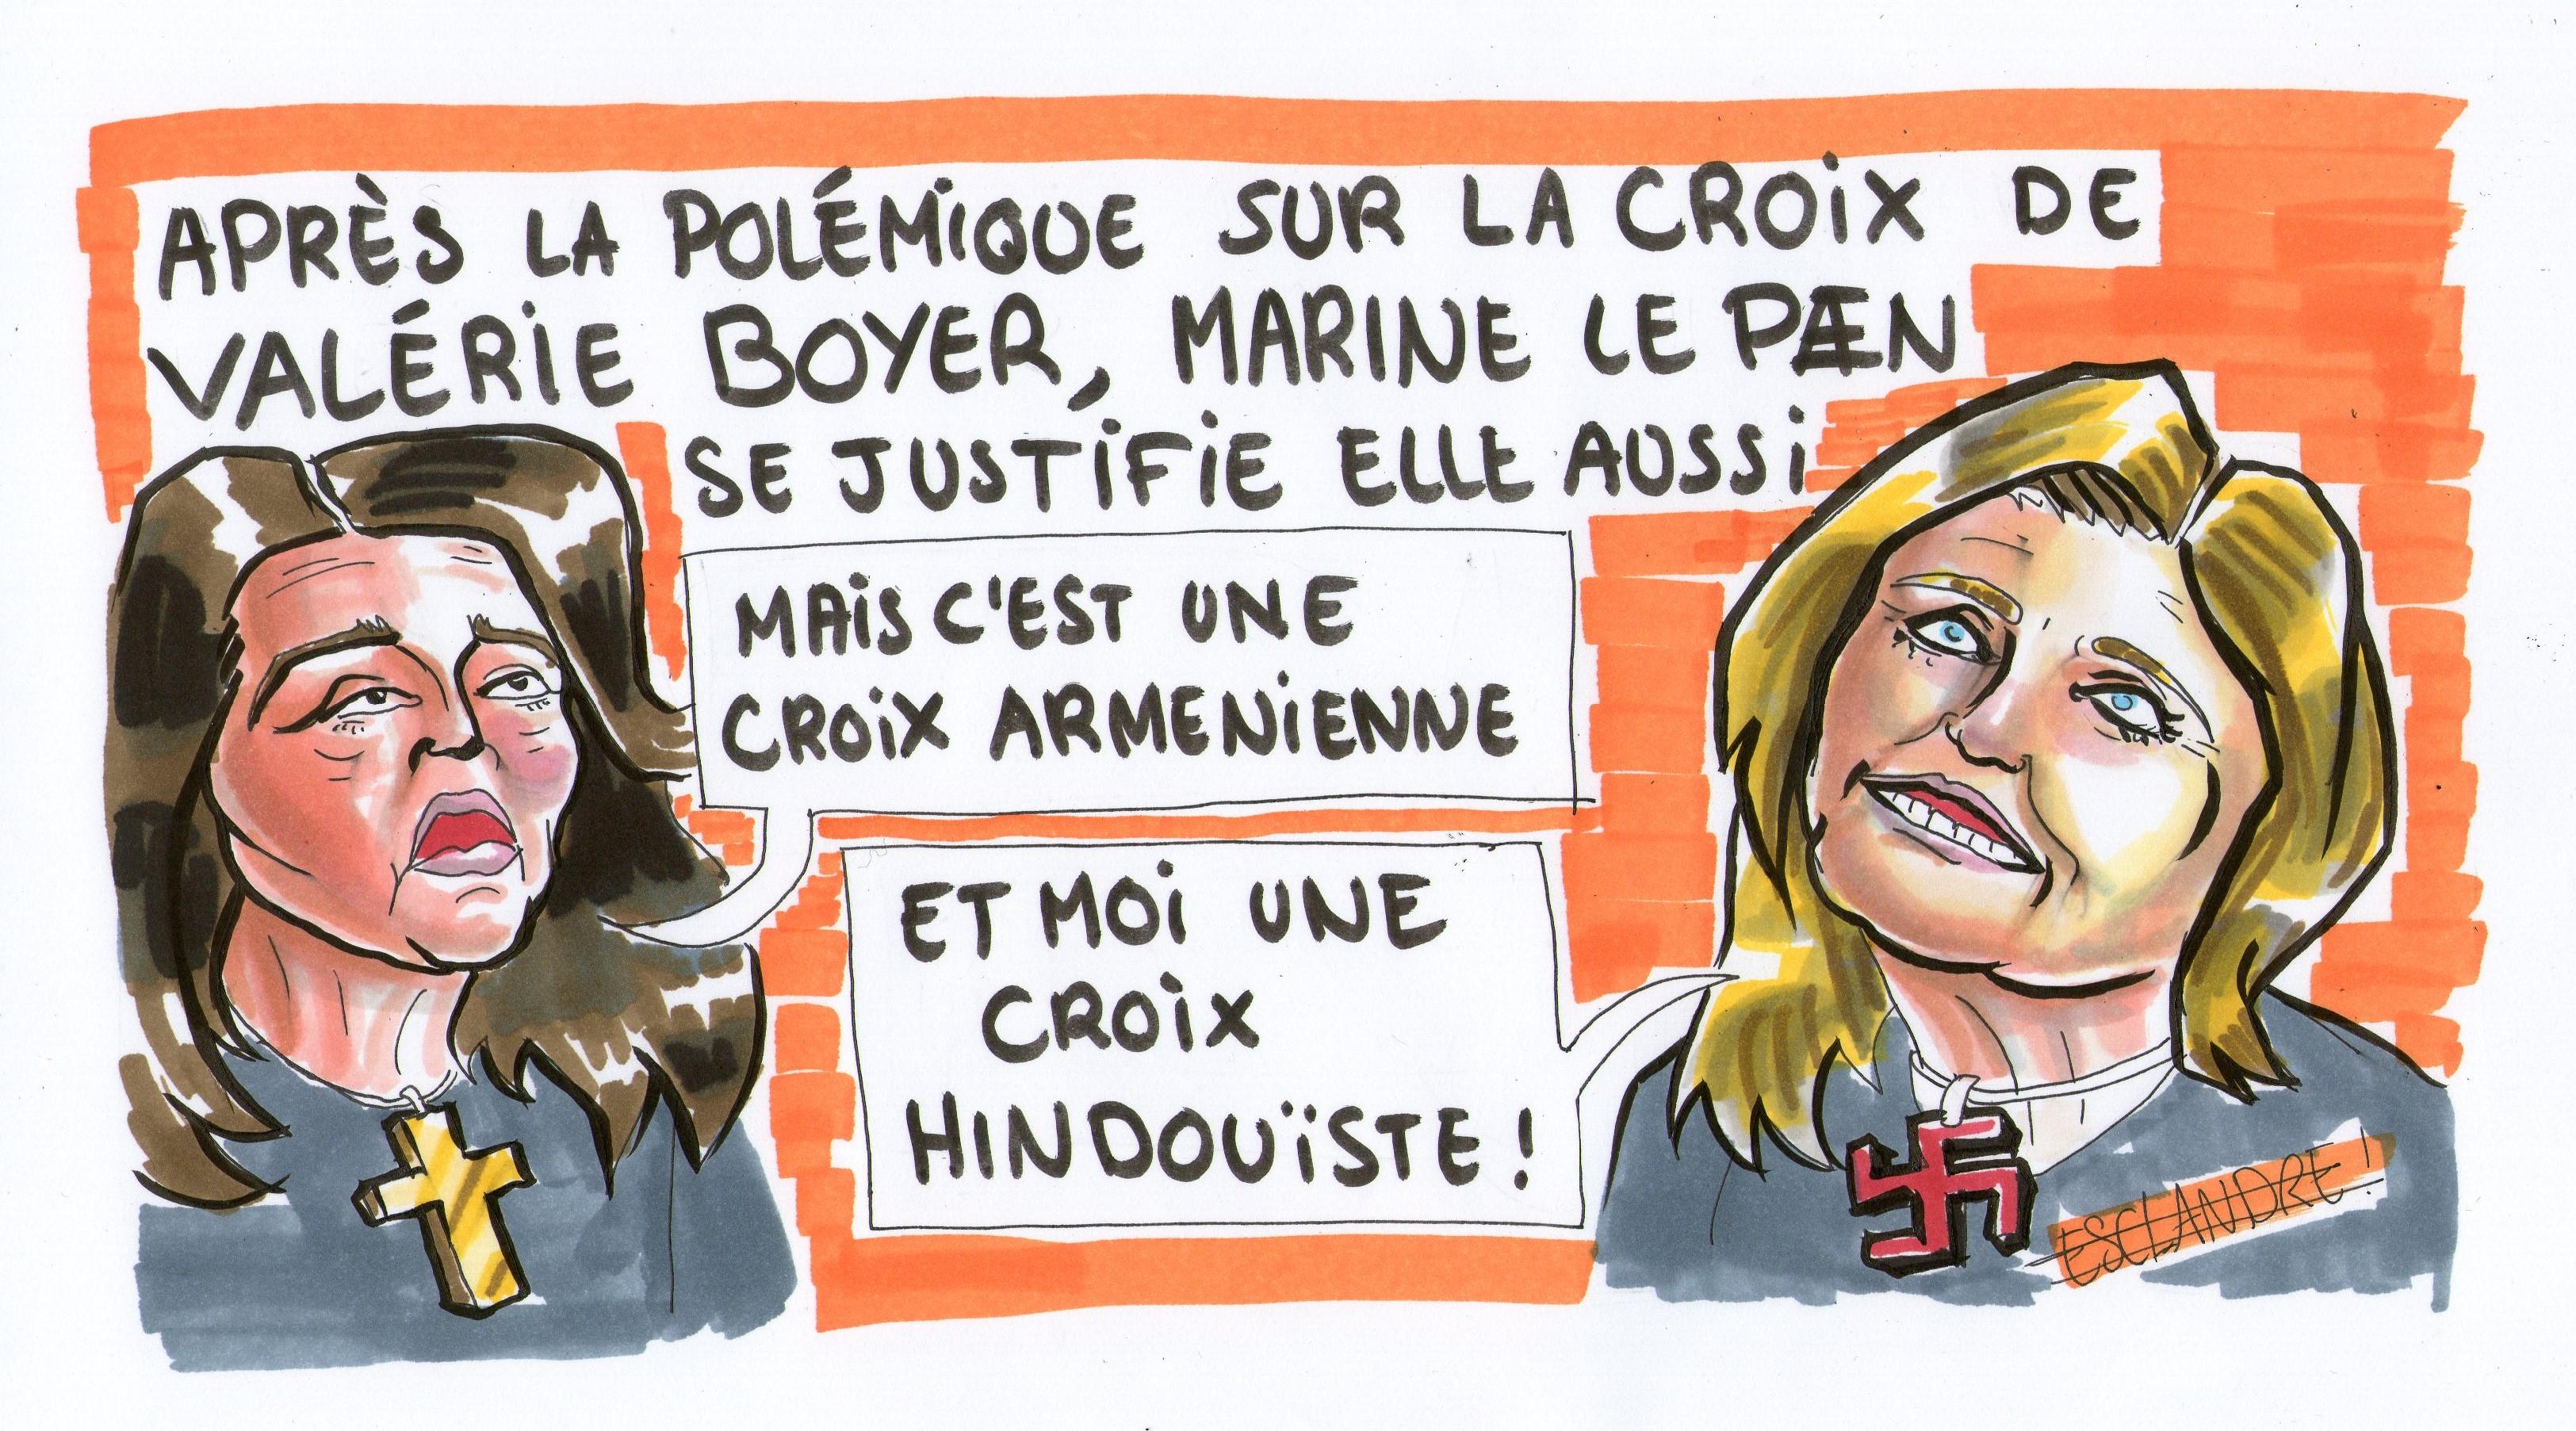 Valérie Boyer, Marine le Pen : les croix font polémique